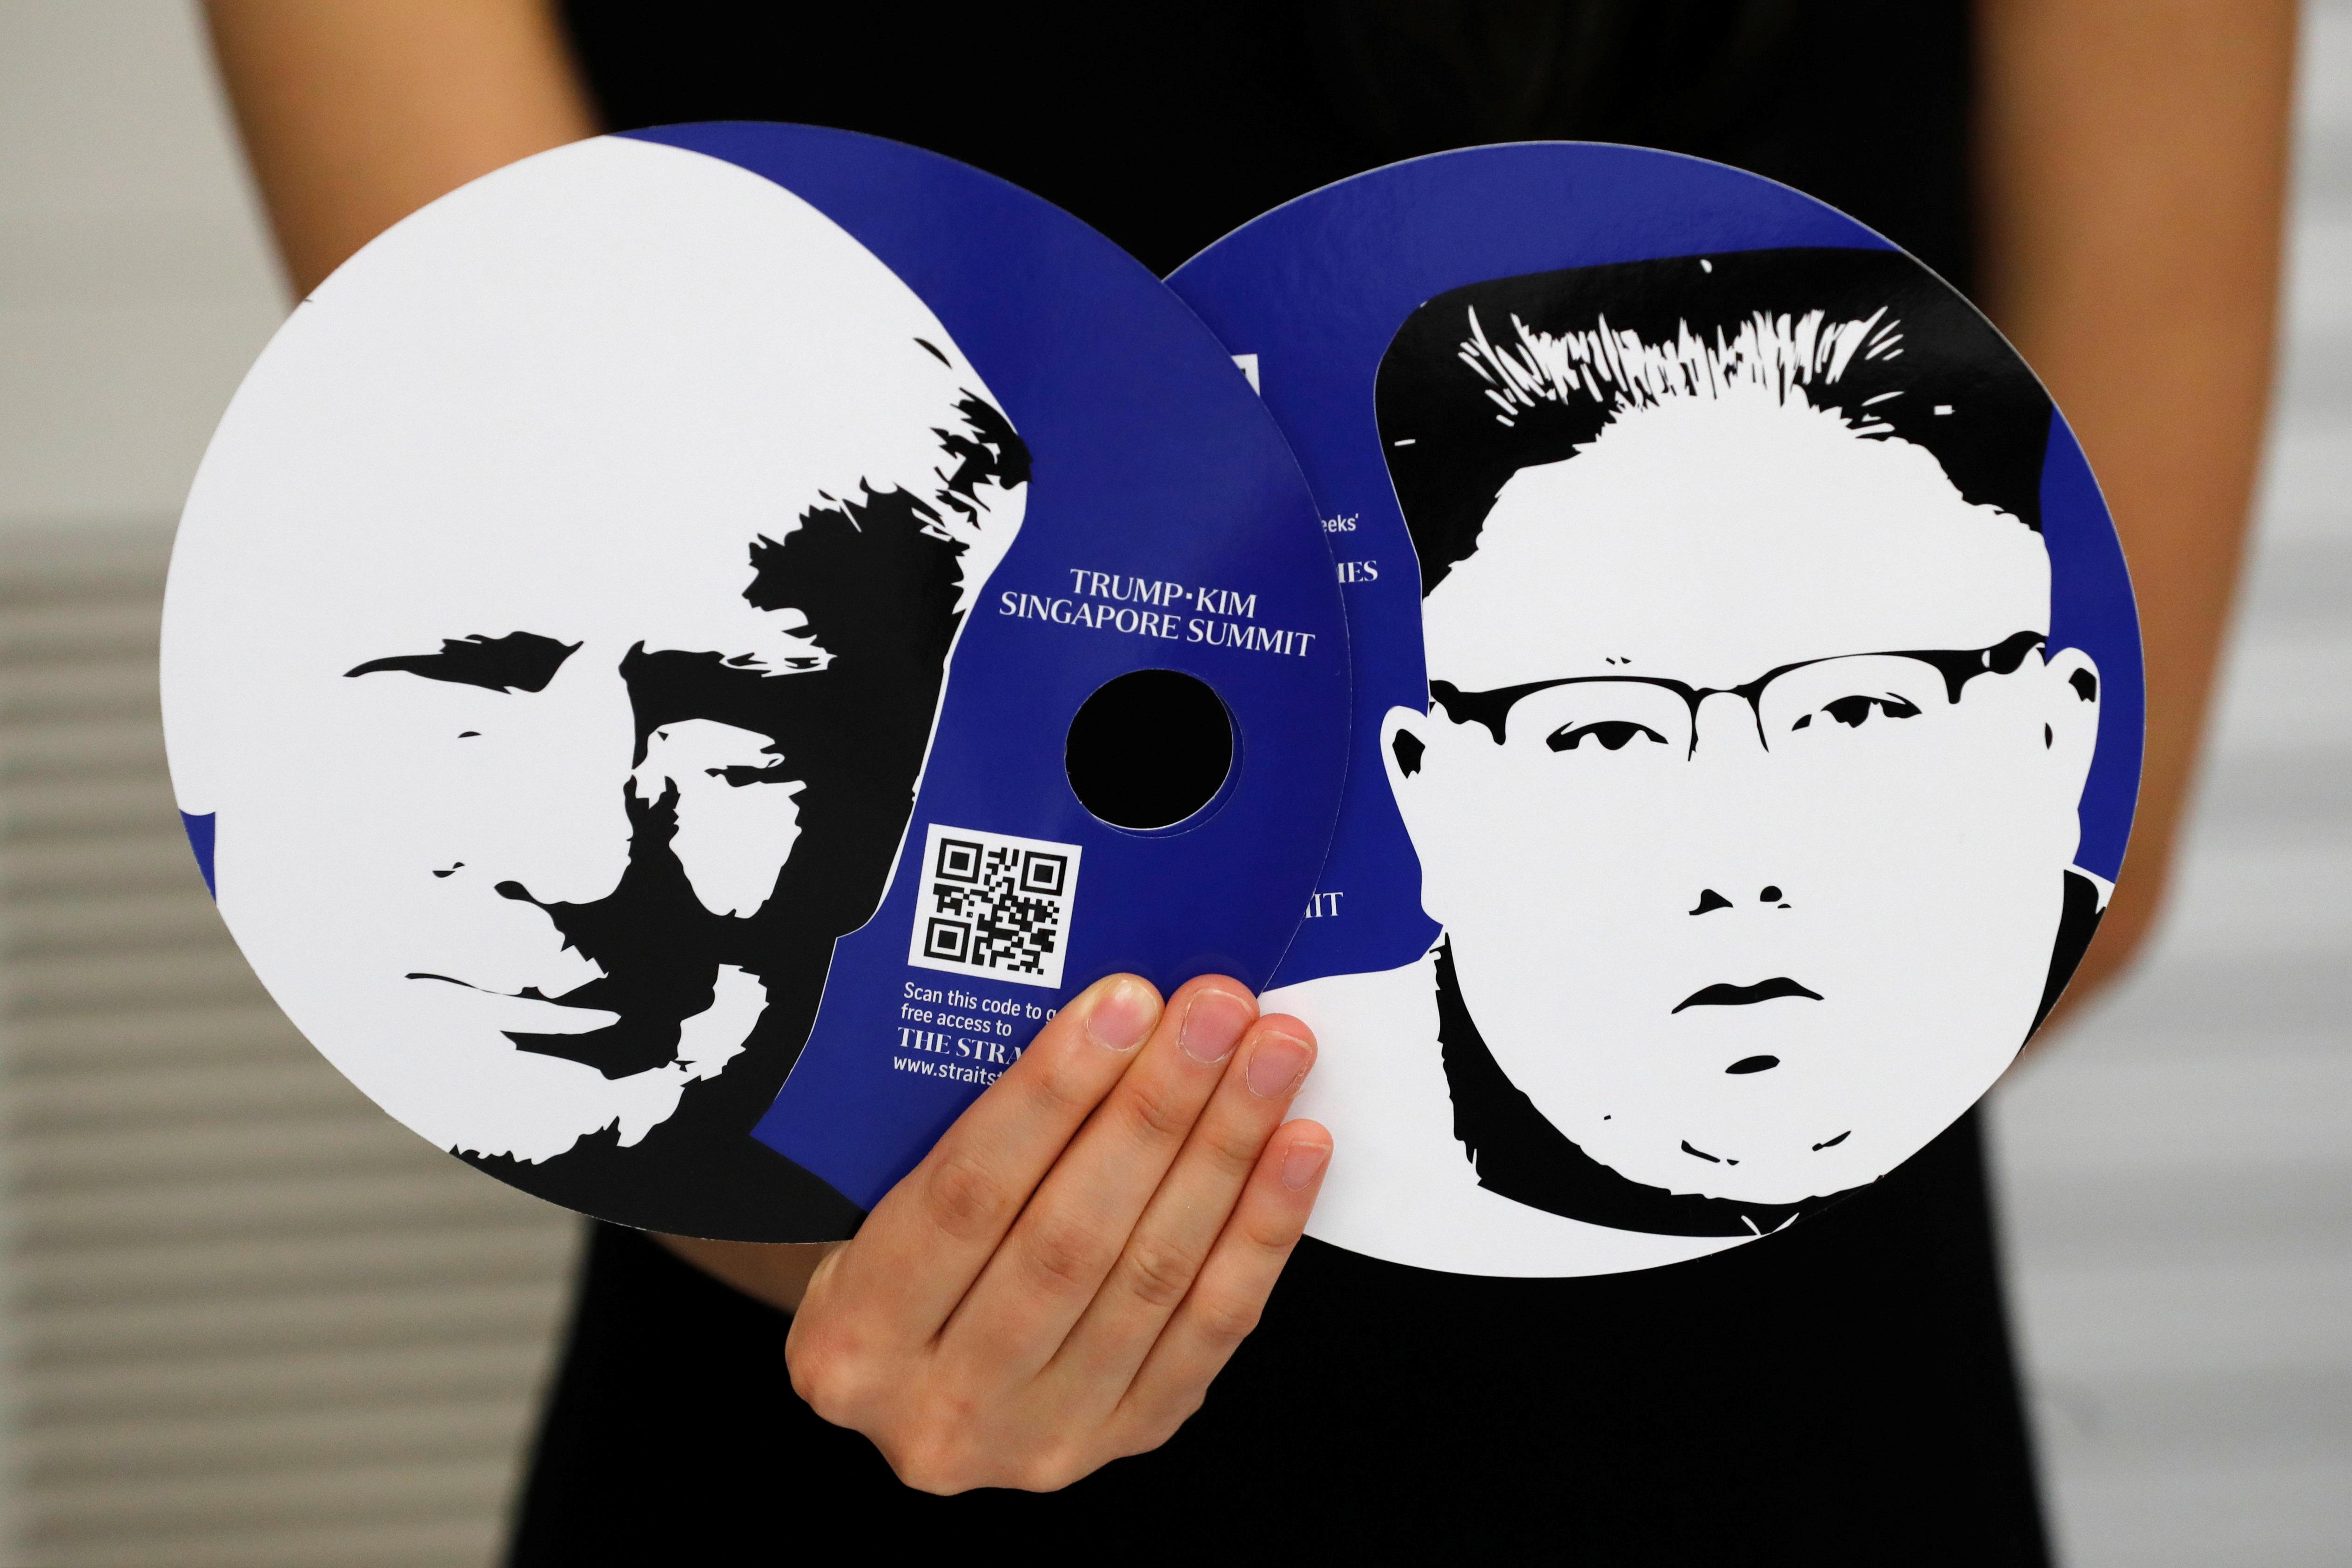 오늘 트럼프와 김정은의 '깜짝 만남'이 이뤄질지도 모른다